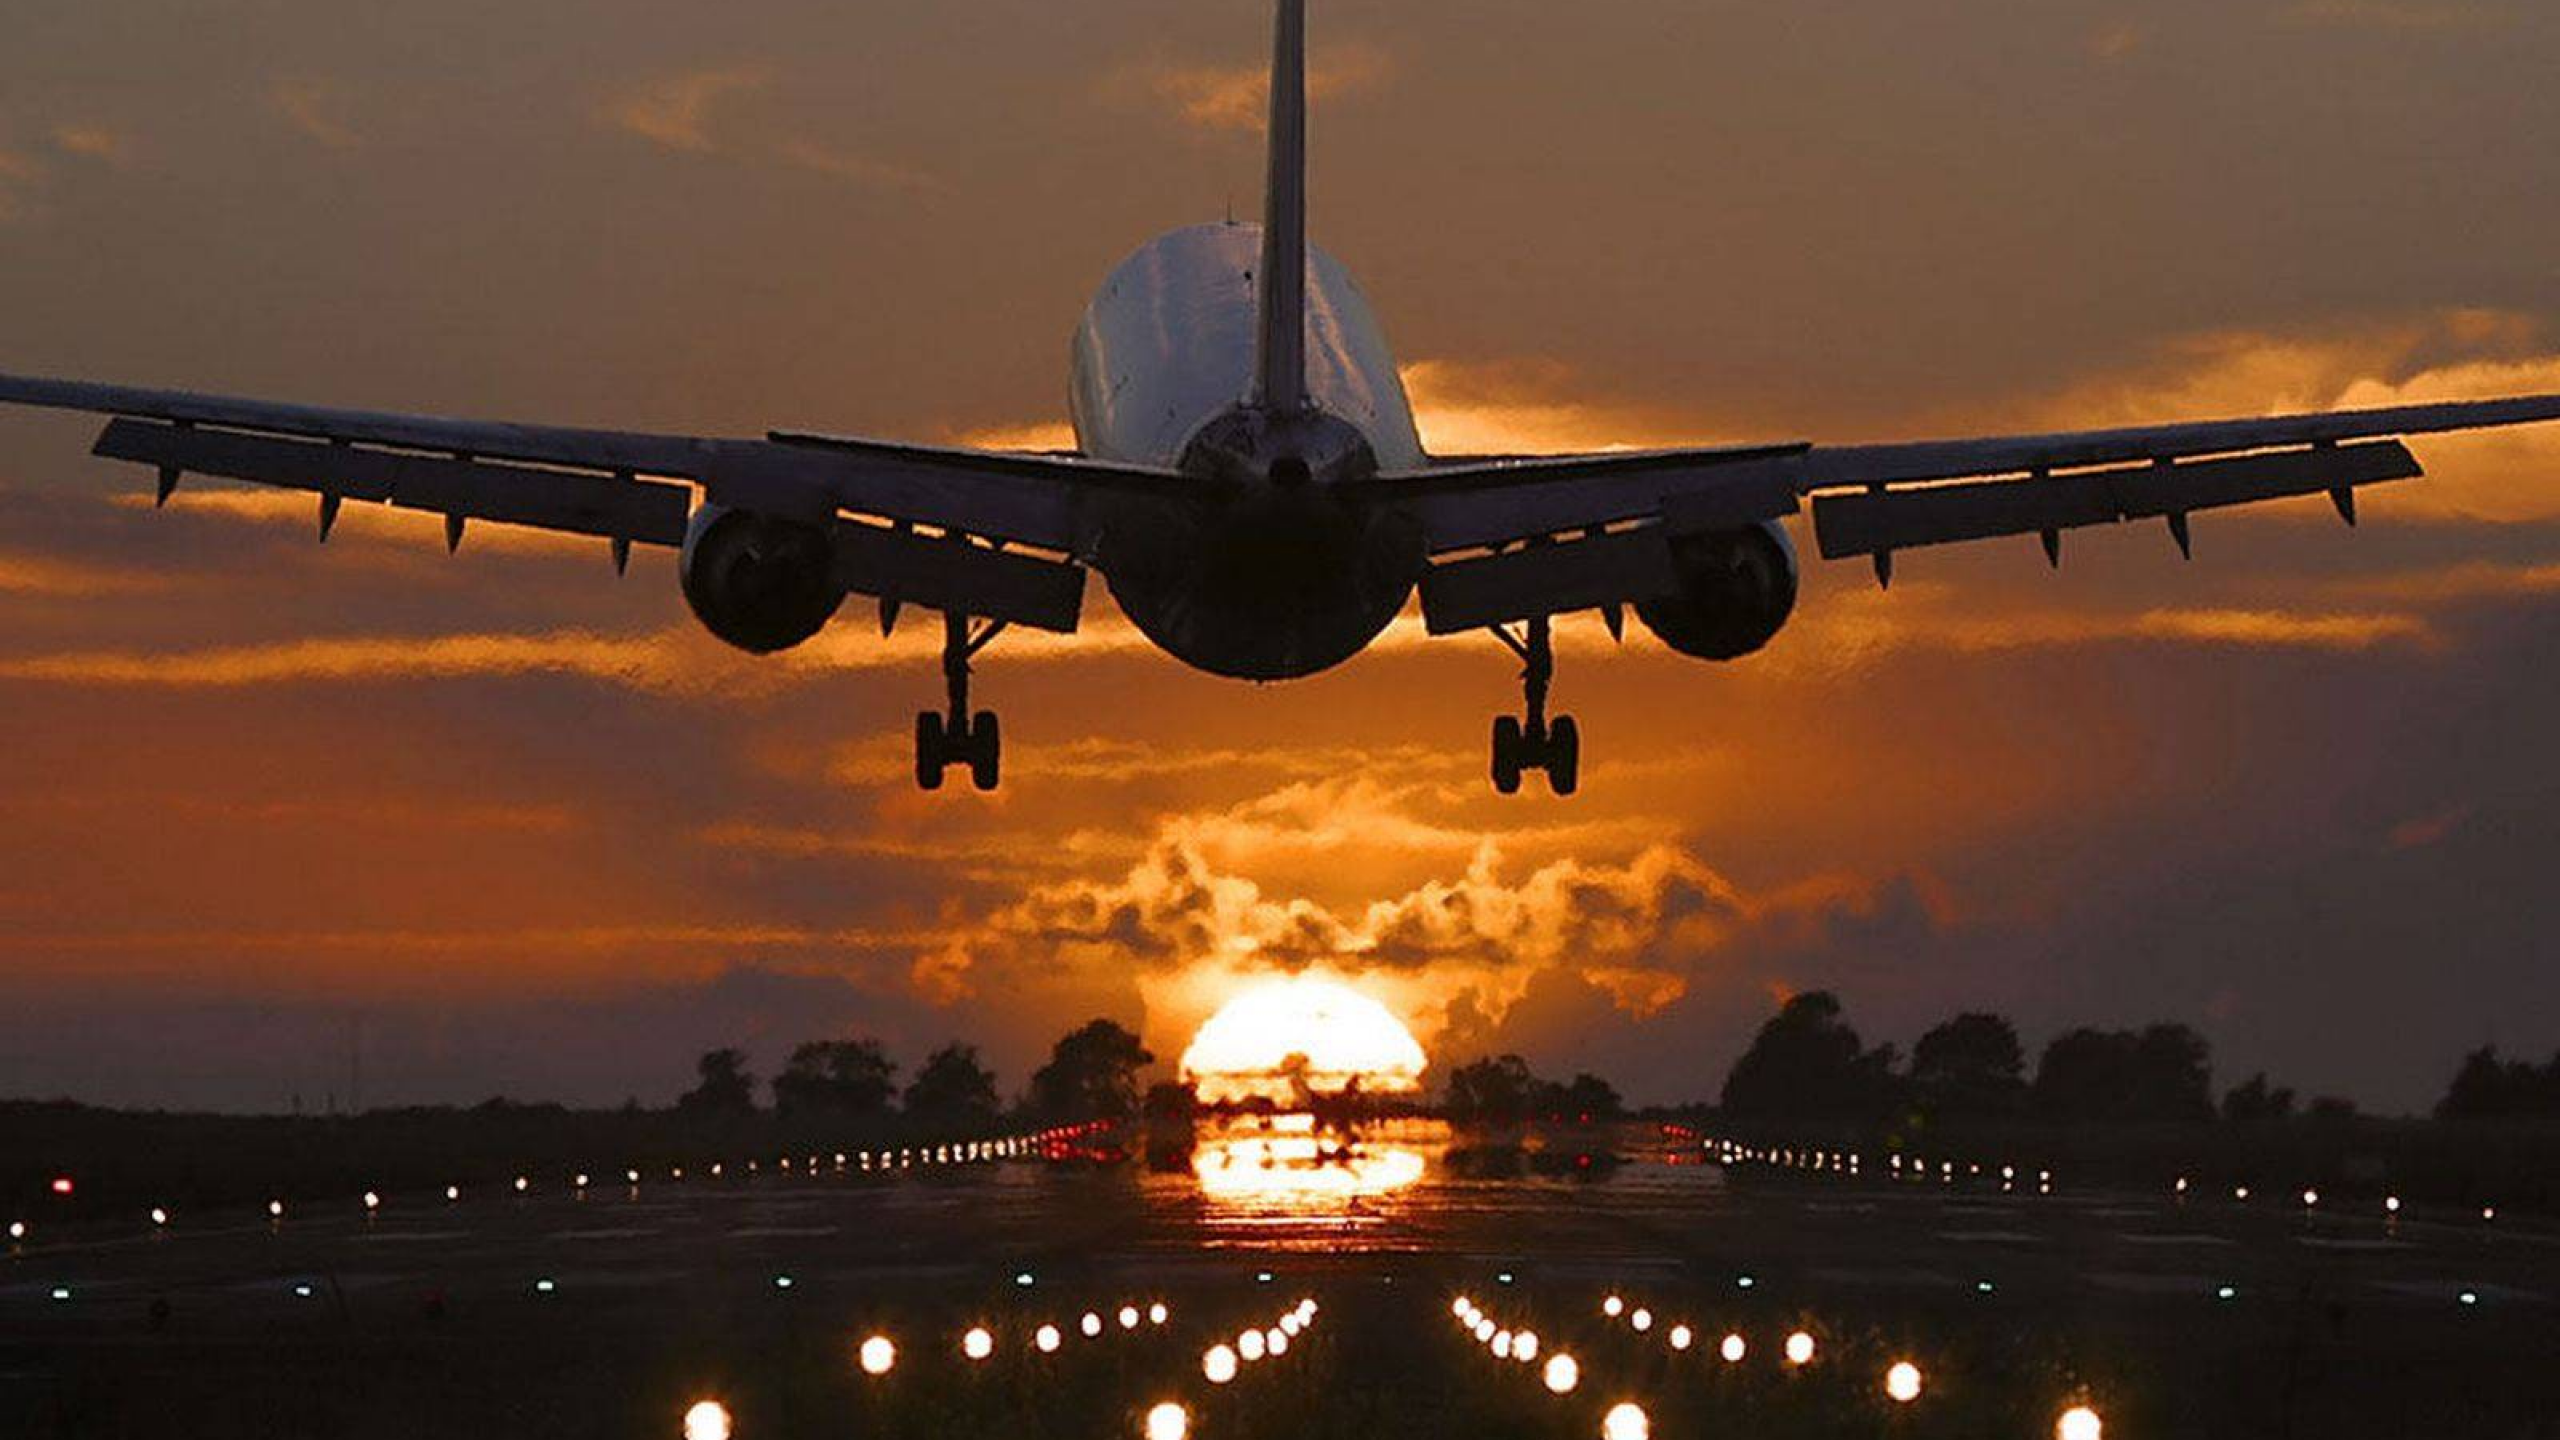 Plane 4K